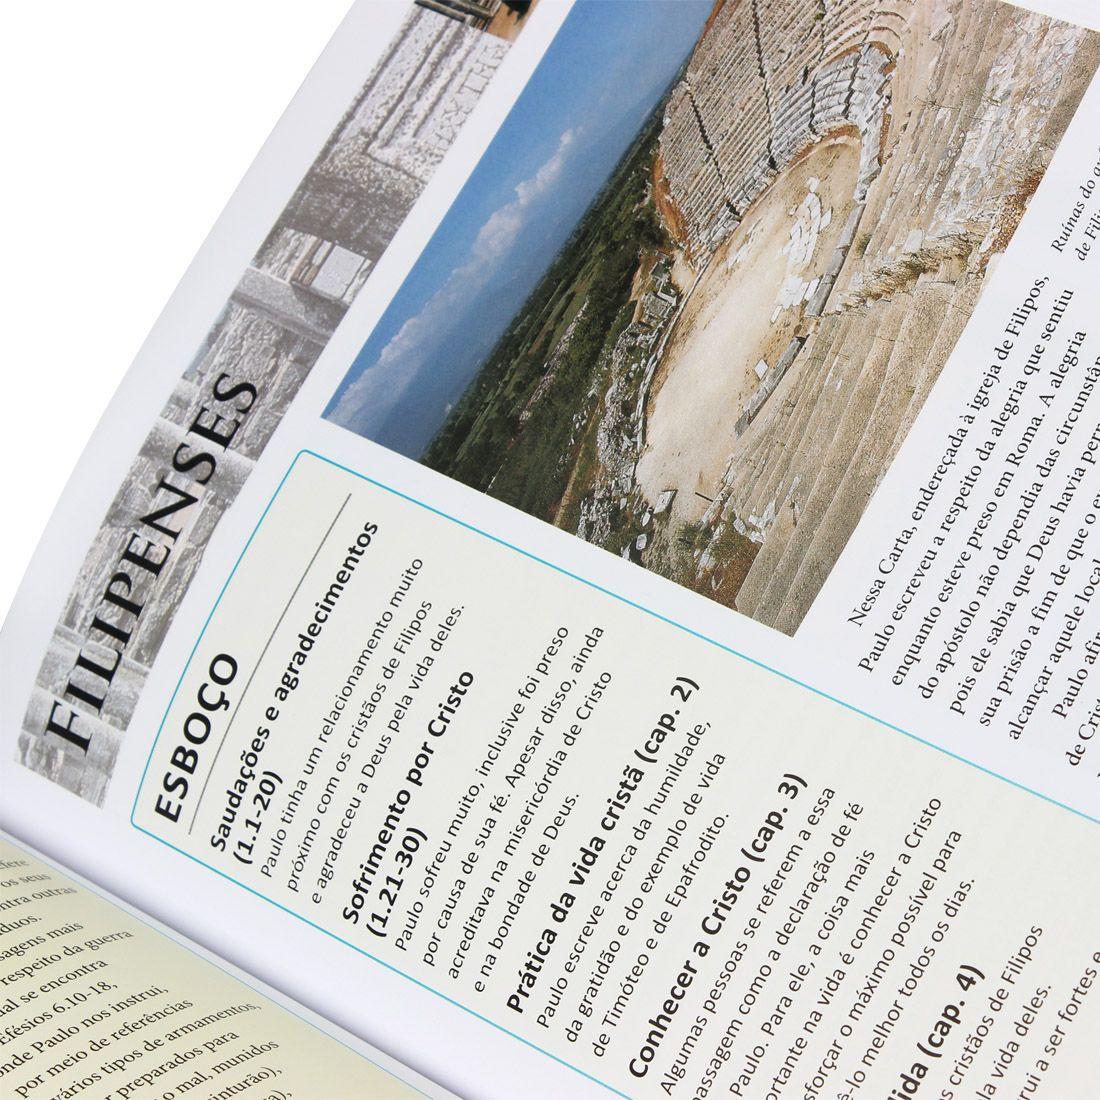 Kit Bíblia do Pescador Dr Diáz Pabón NVI Capa Luxo Vermelha + Manual Essencial da Bíblia SBB